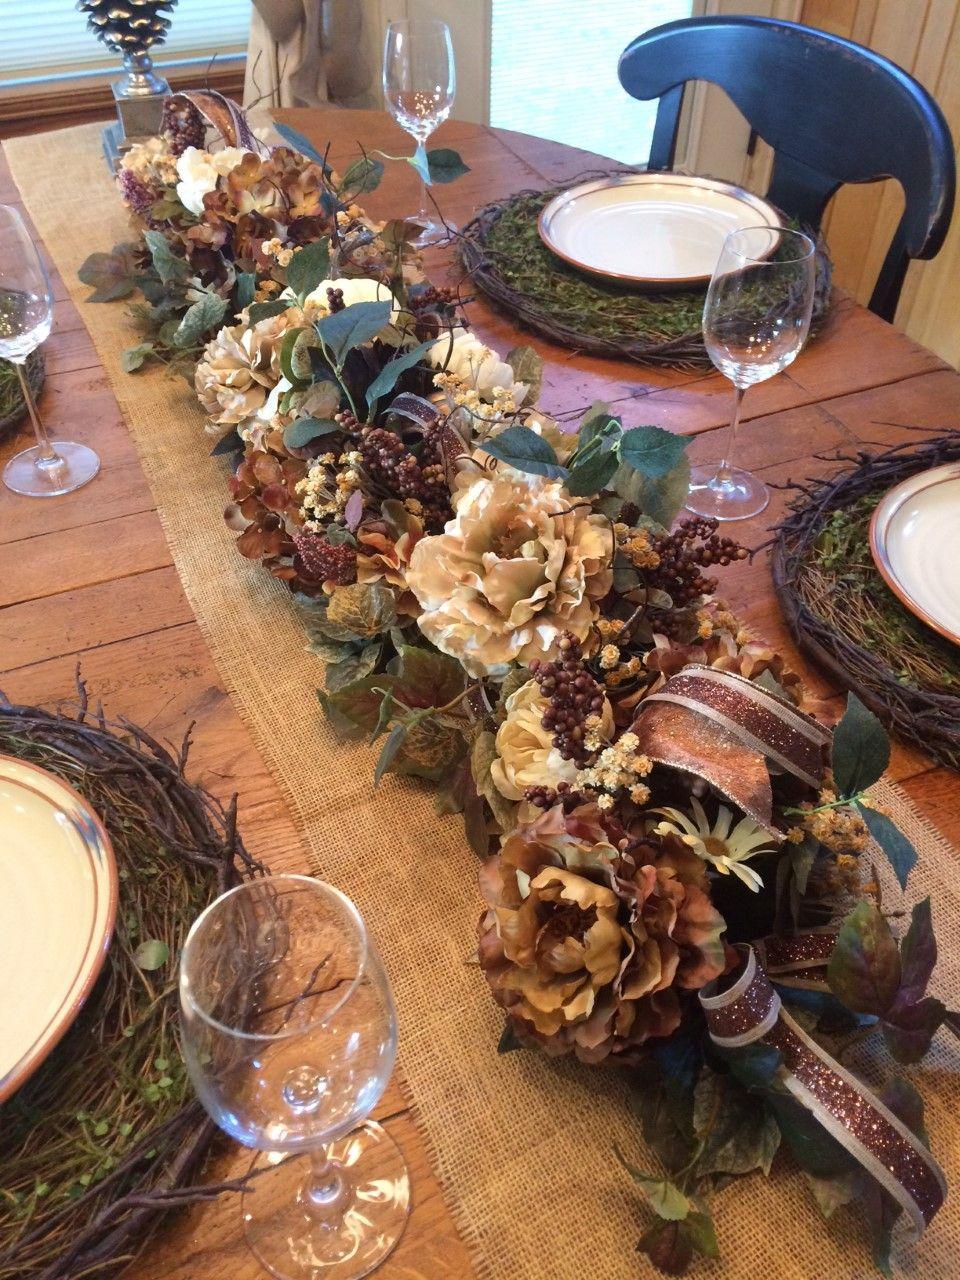 Lush Fall Garland 52 Coffee And Cream Garland Thanksgiving Garland Fall Centerpiece Rustic Garland Woodland Decoracion De Unas Faldas Colegiales Navideno